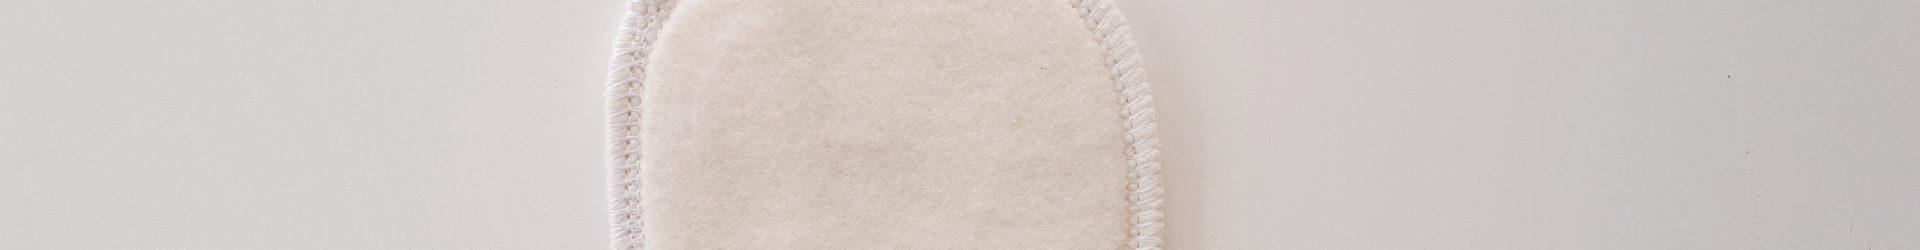 Avril – Carré démaquillant lavable en coton bio (10x10cm)